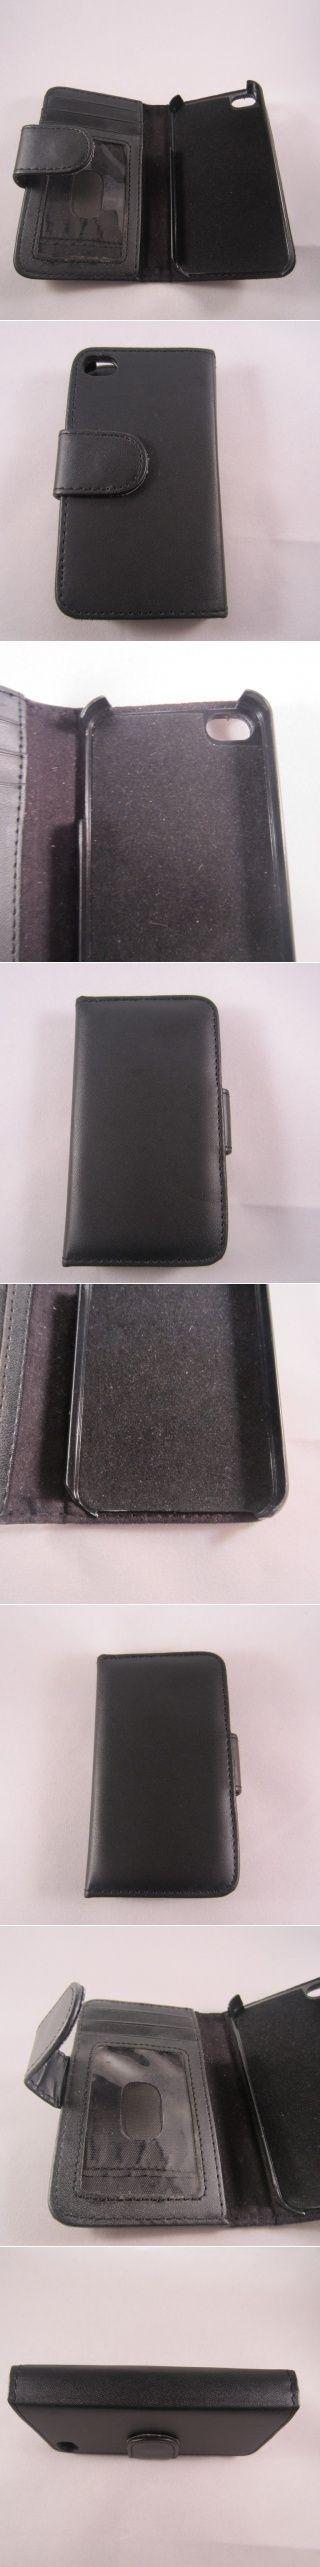 Black iPhone 4-4s Wallet